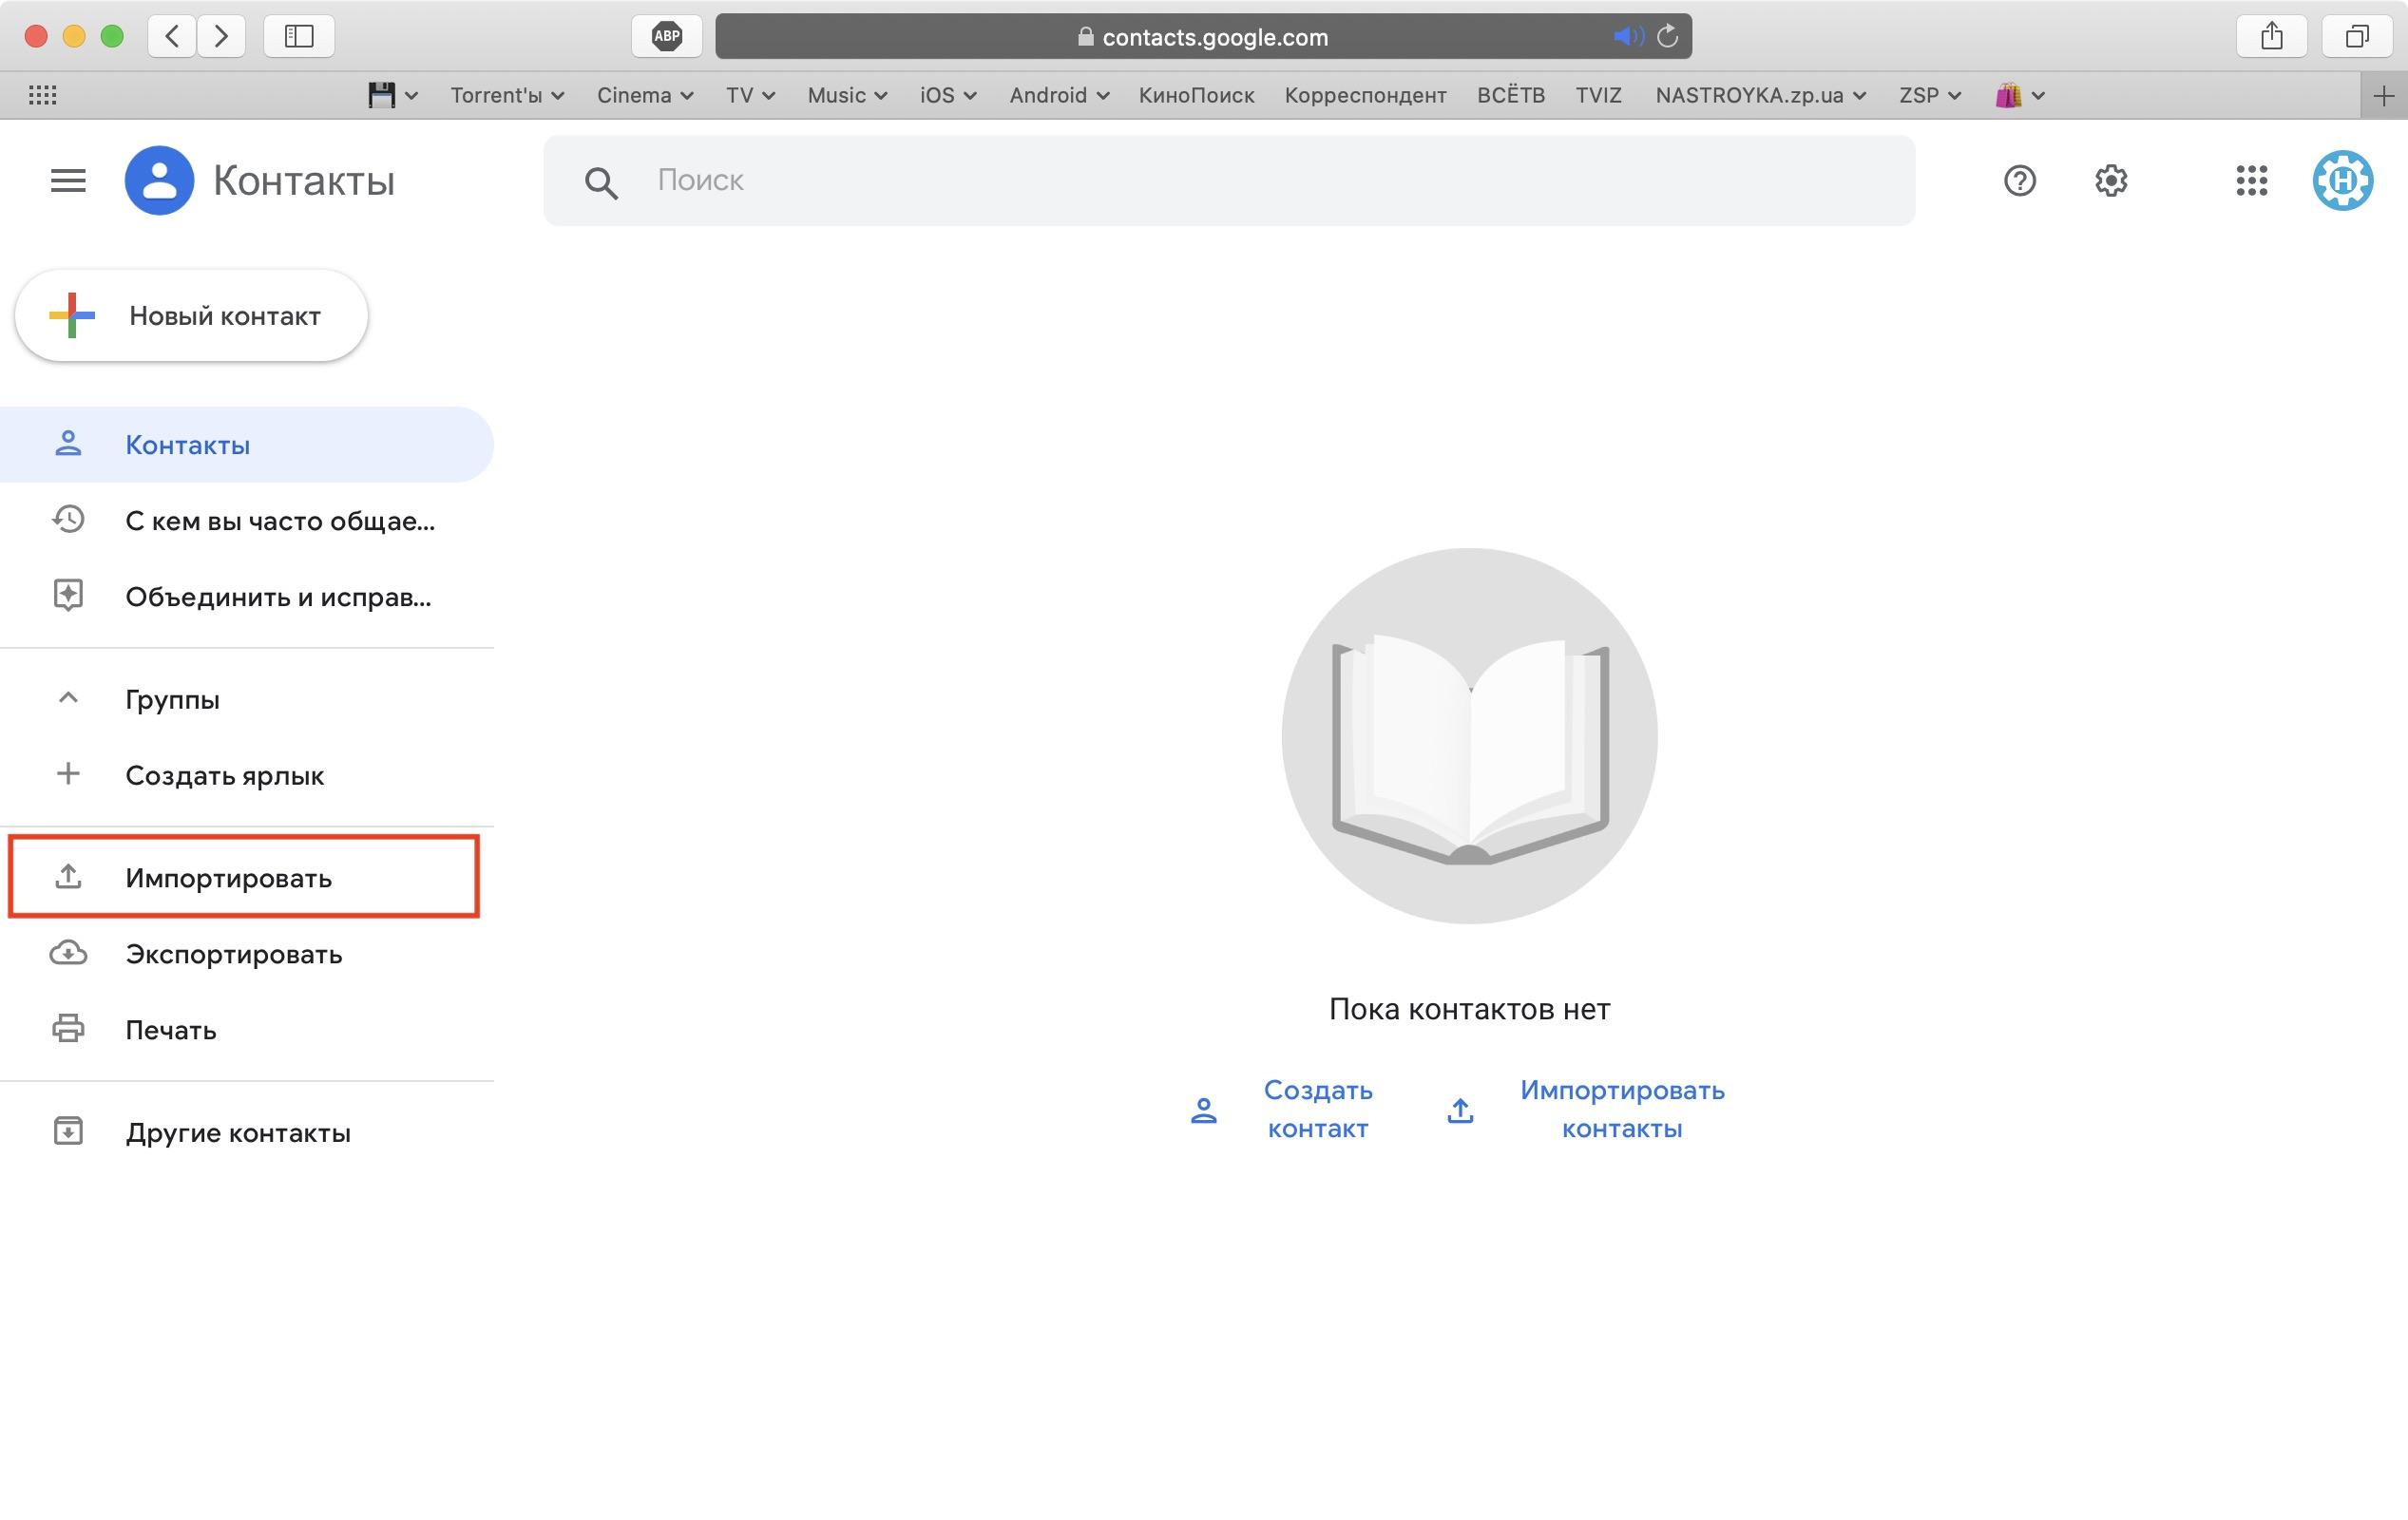 Как перенести контакты в аккаунт Google и настроить синхронизацию-1